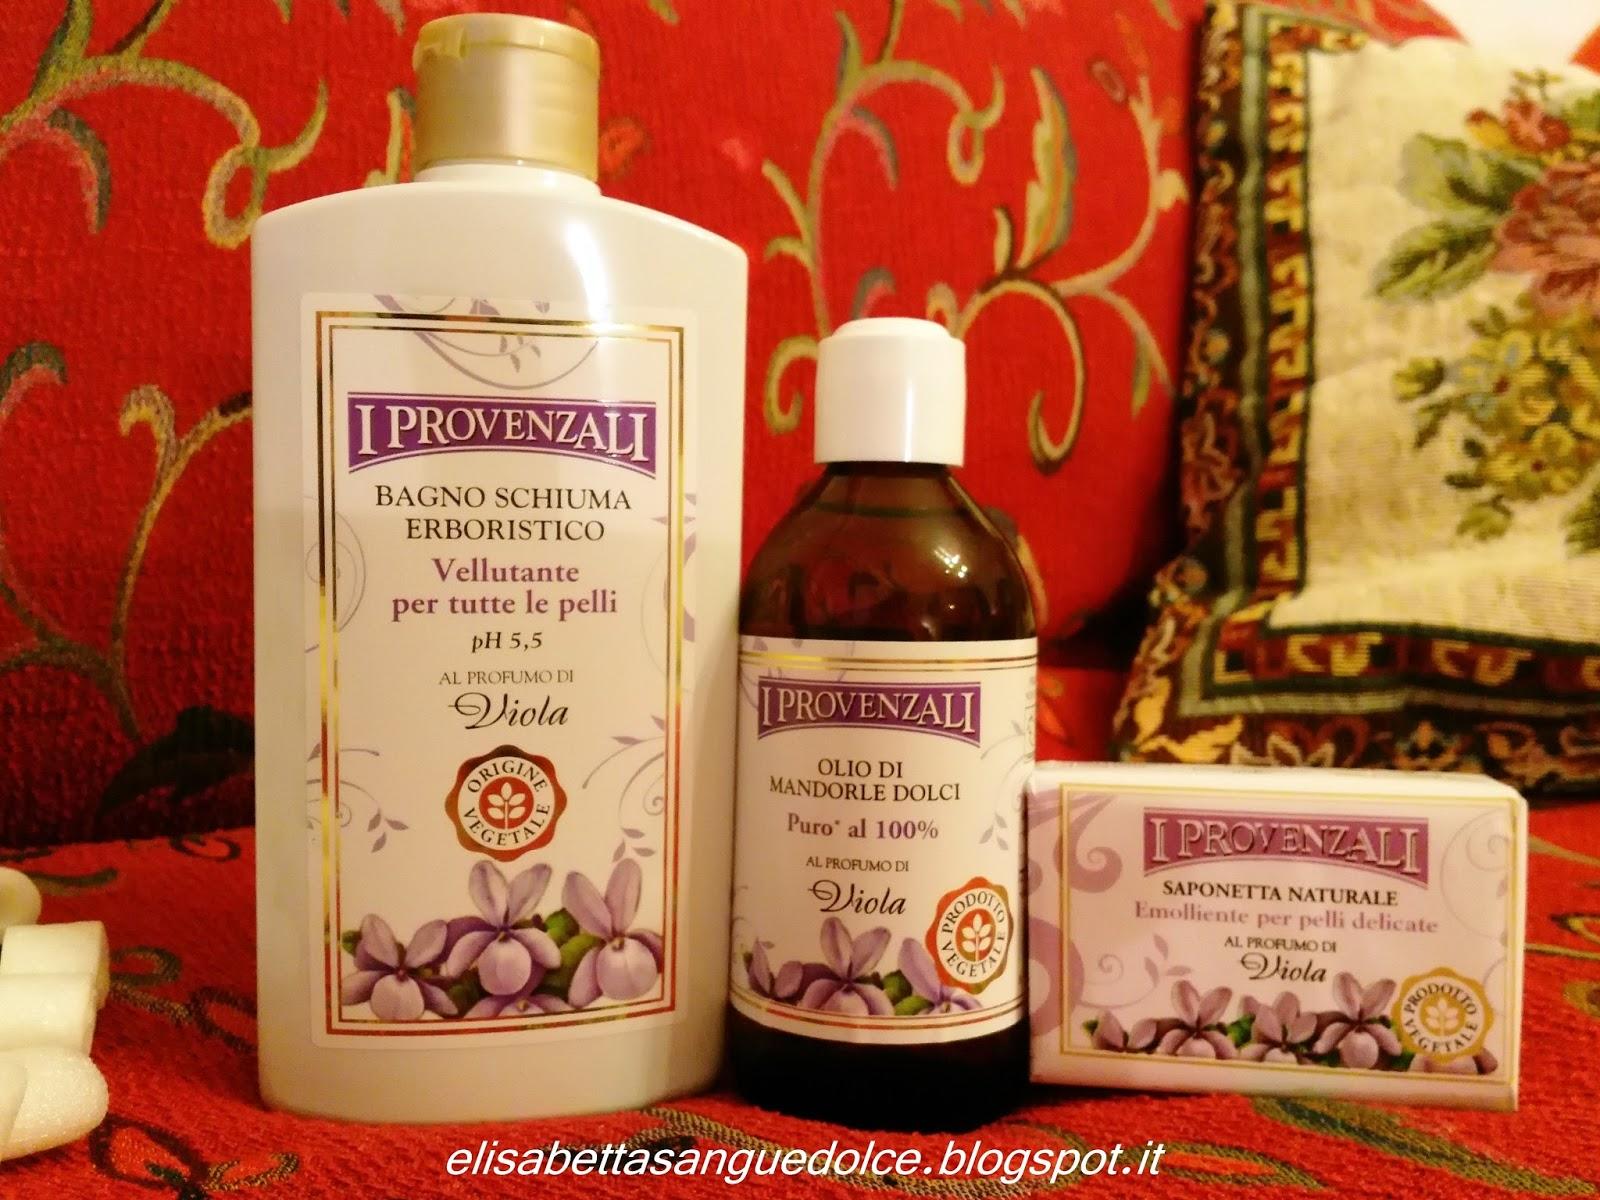 Bagnoschiuma Naturale : Bagnoschiuma naturale fai da te: cominciare la giornata bio: sapone